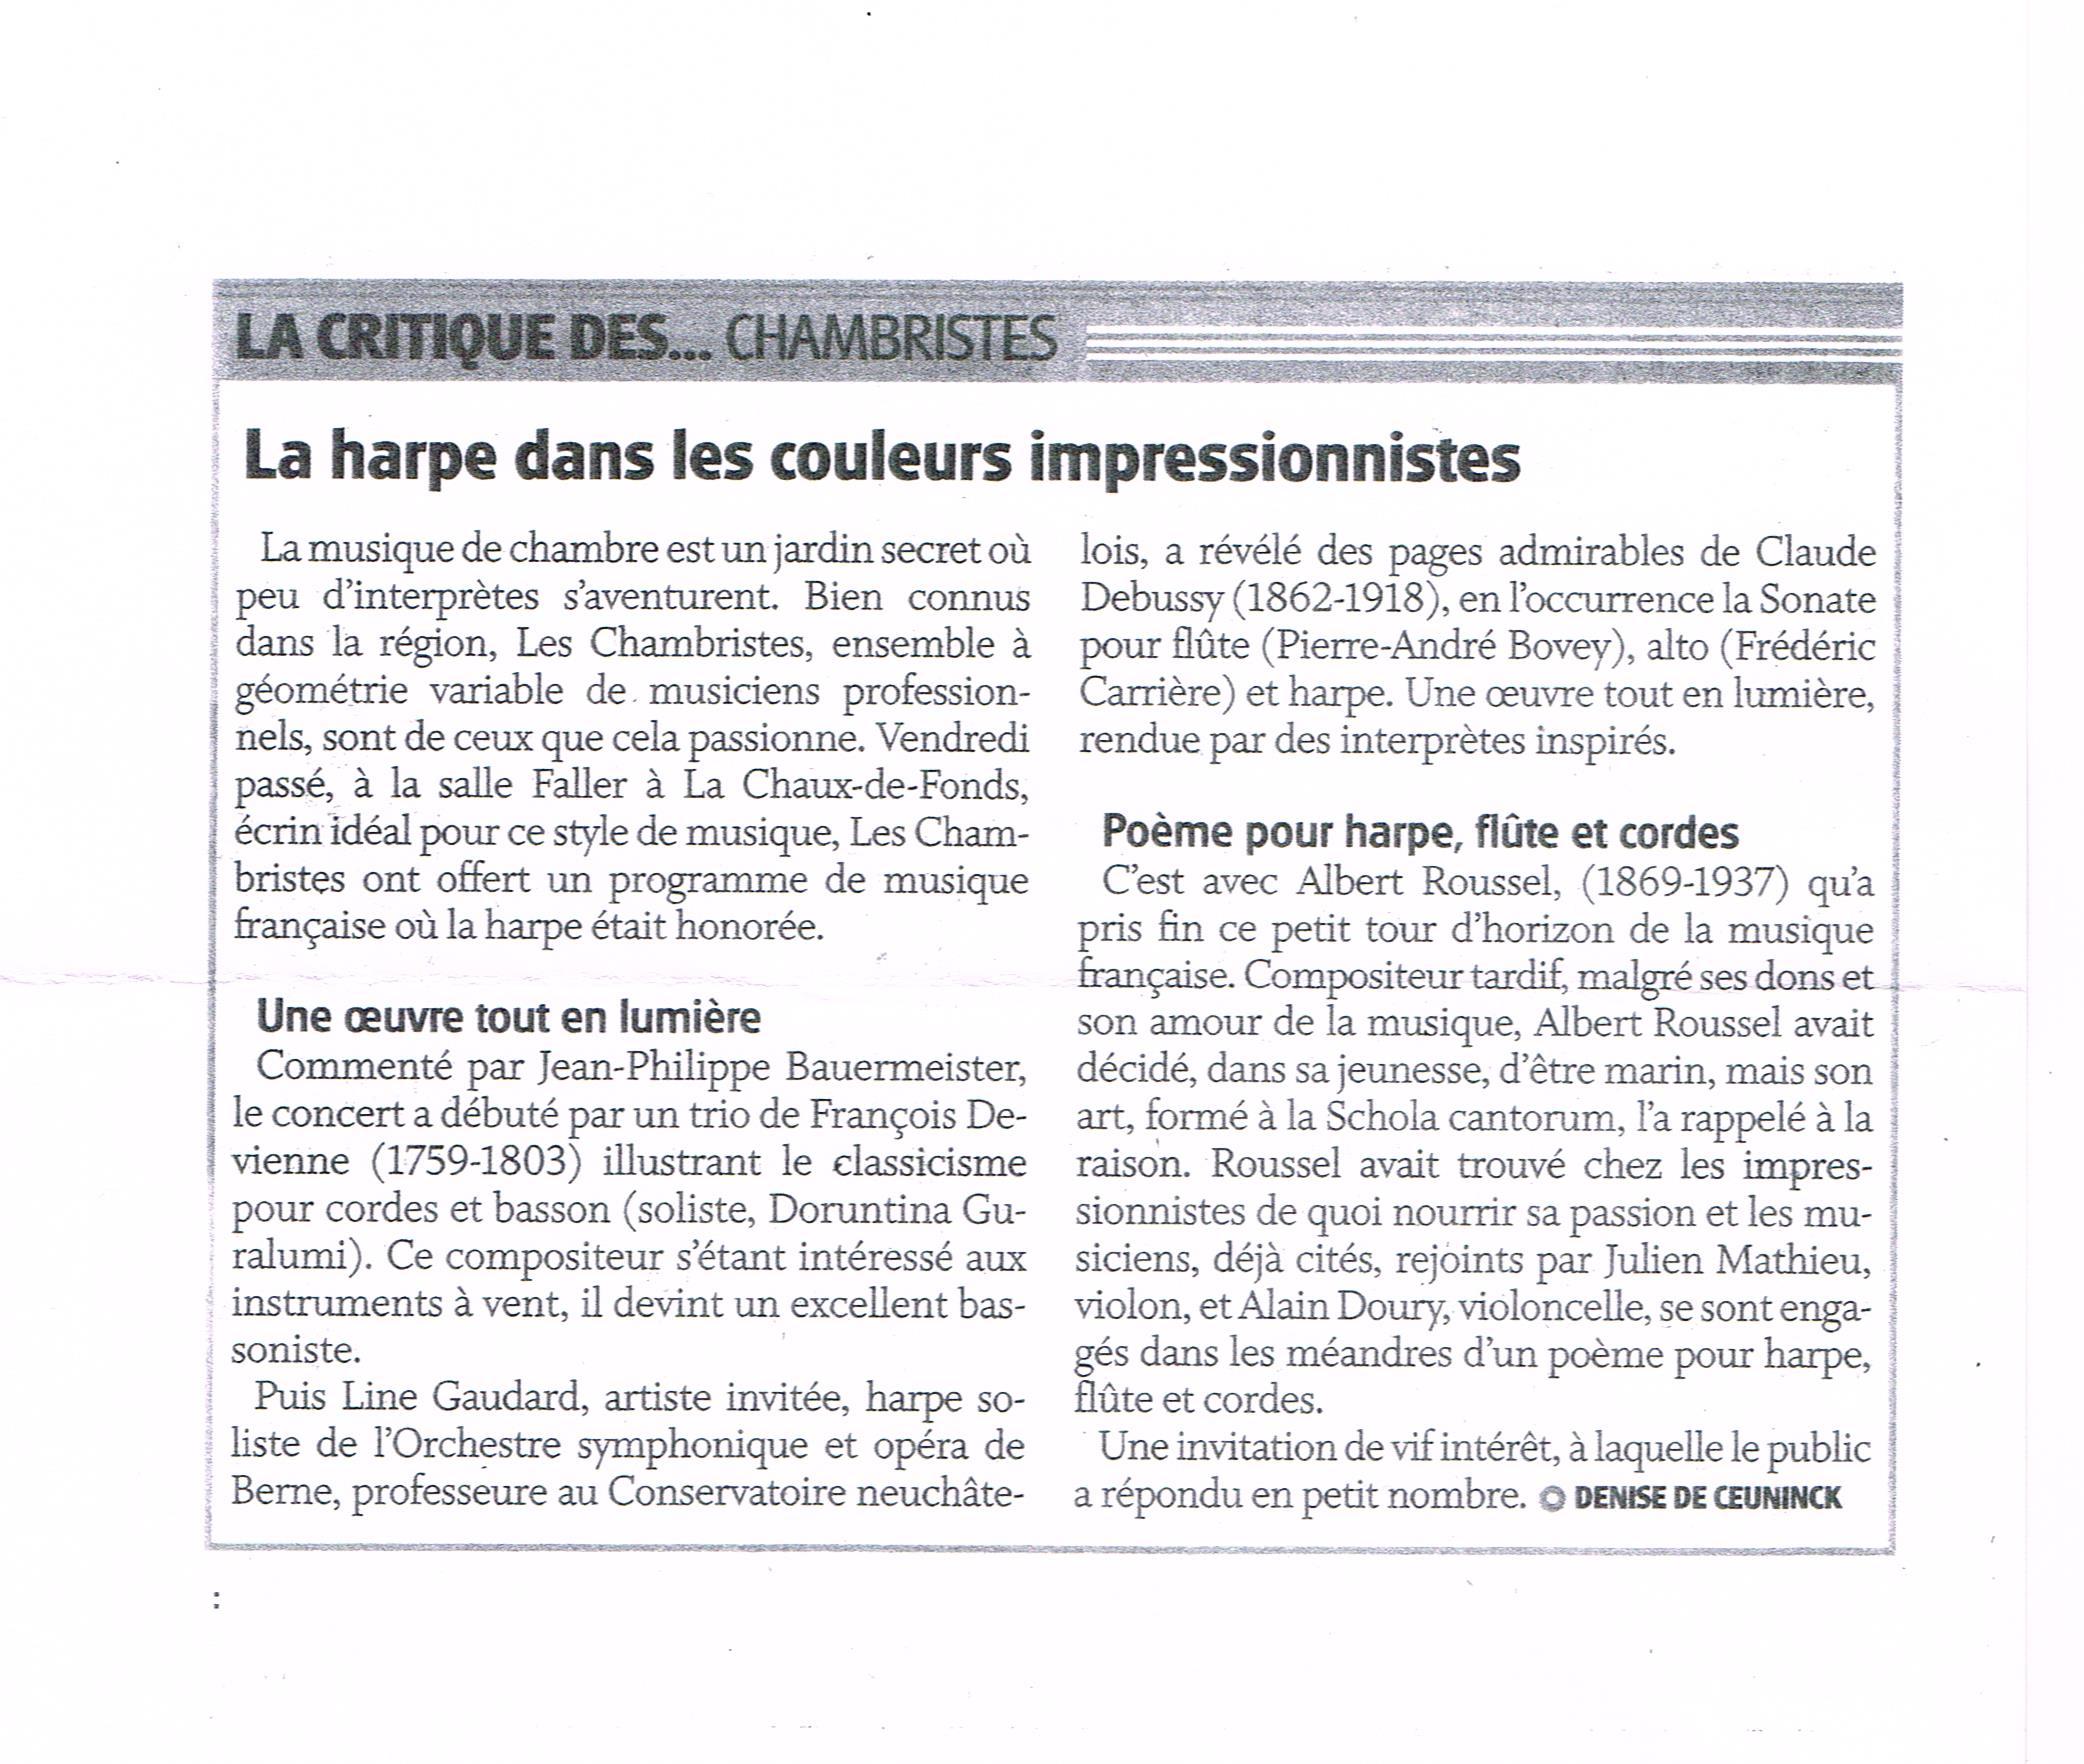 2016 L'Express